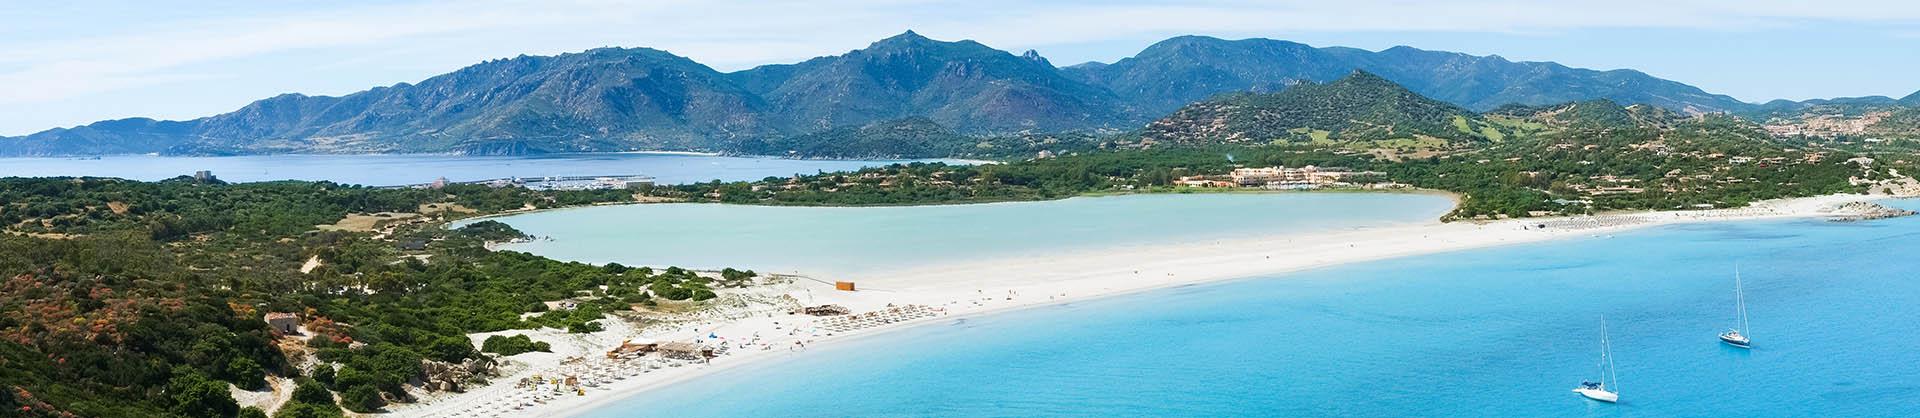 Le spiagge più belle della Sardegna. Grimaldi Lines